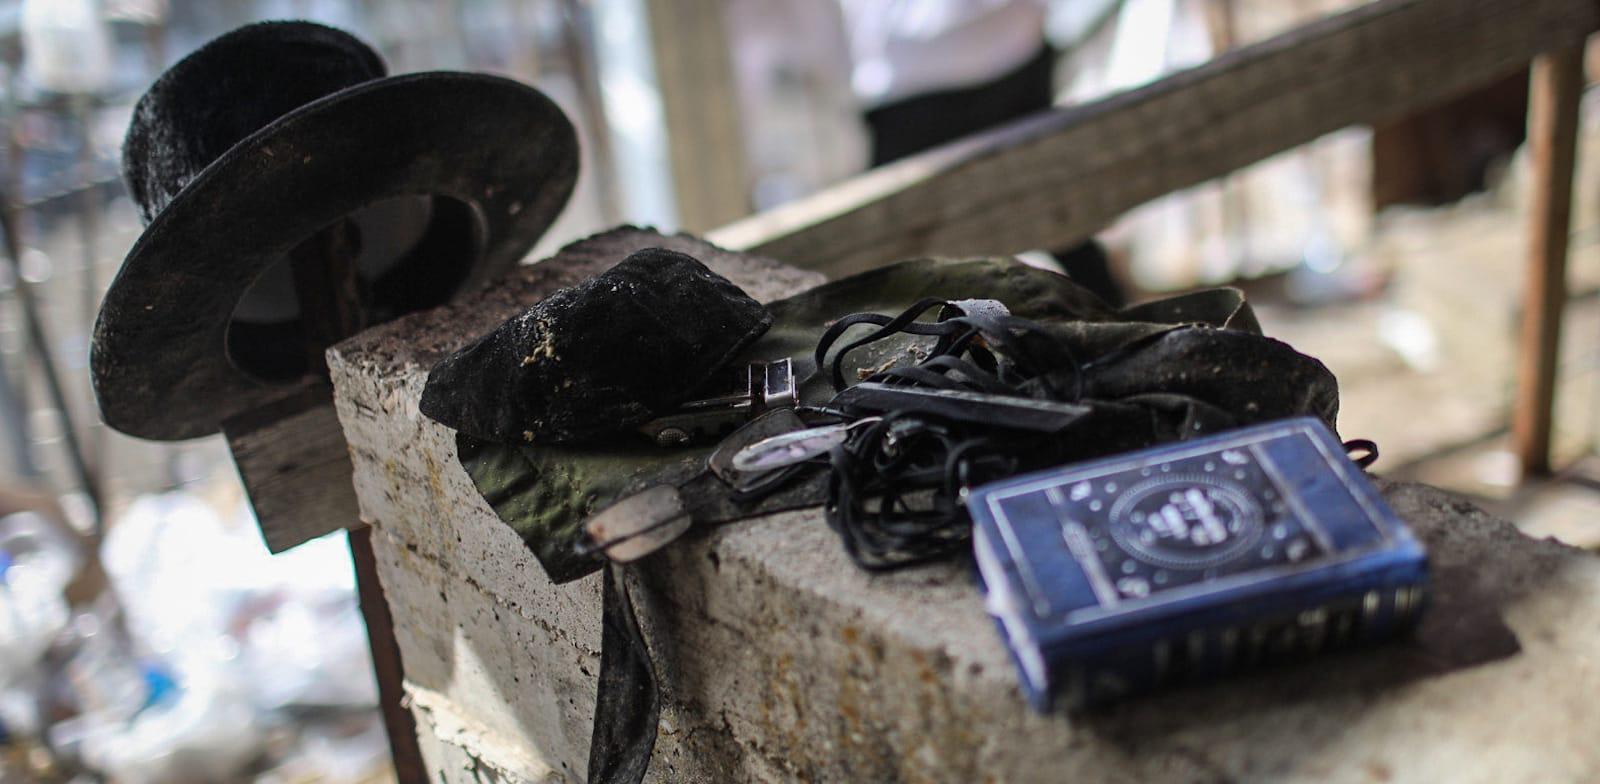 חפצים שנשארו באזור האסון בהר מירון / צילום: Reuters, DPA / Picture Alliance